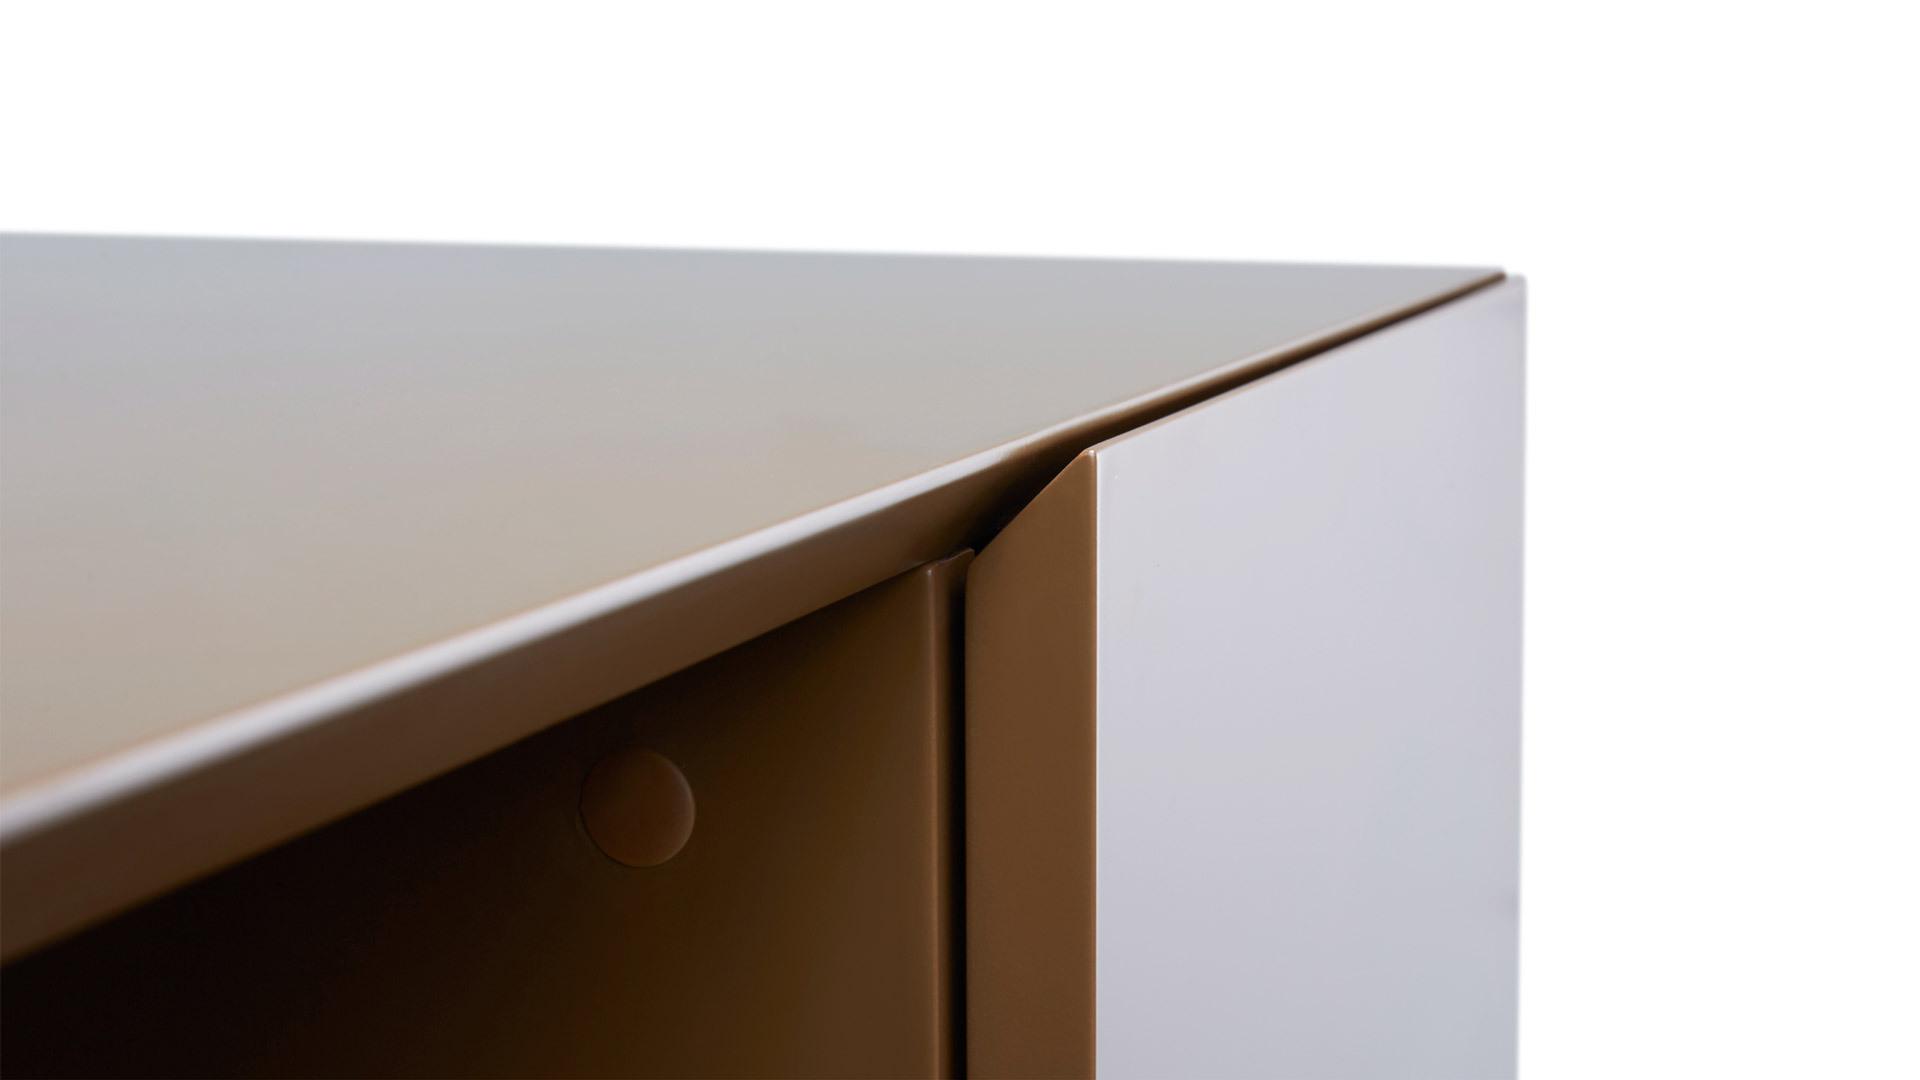 柜体边缘独特的45°精密拼角,区别于市面绝大多数的90°产品,展现细节的极致考究。整个柜体至少运用10处,再现中国最顶级加工艺术。